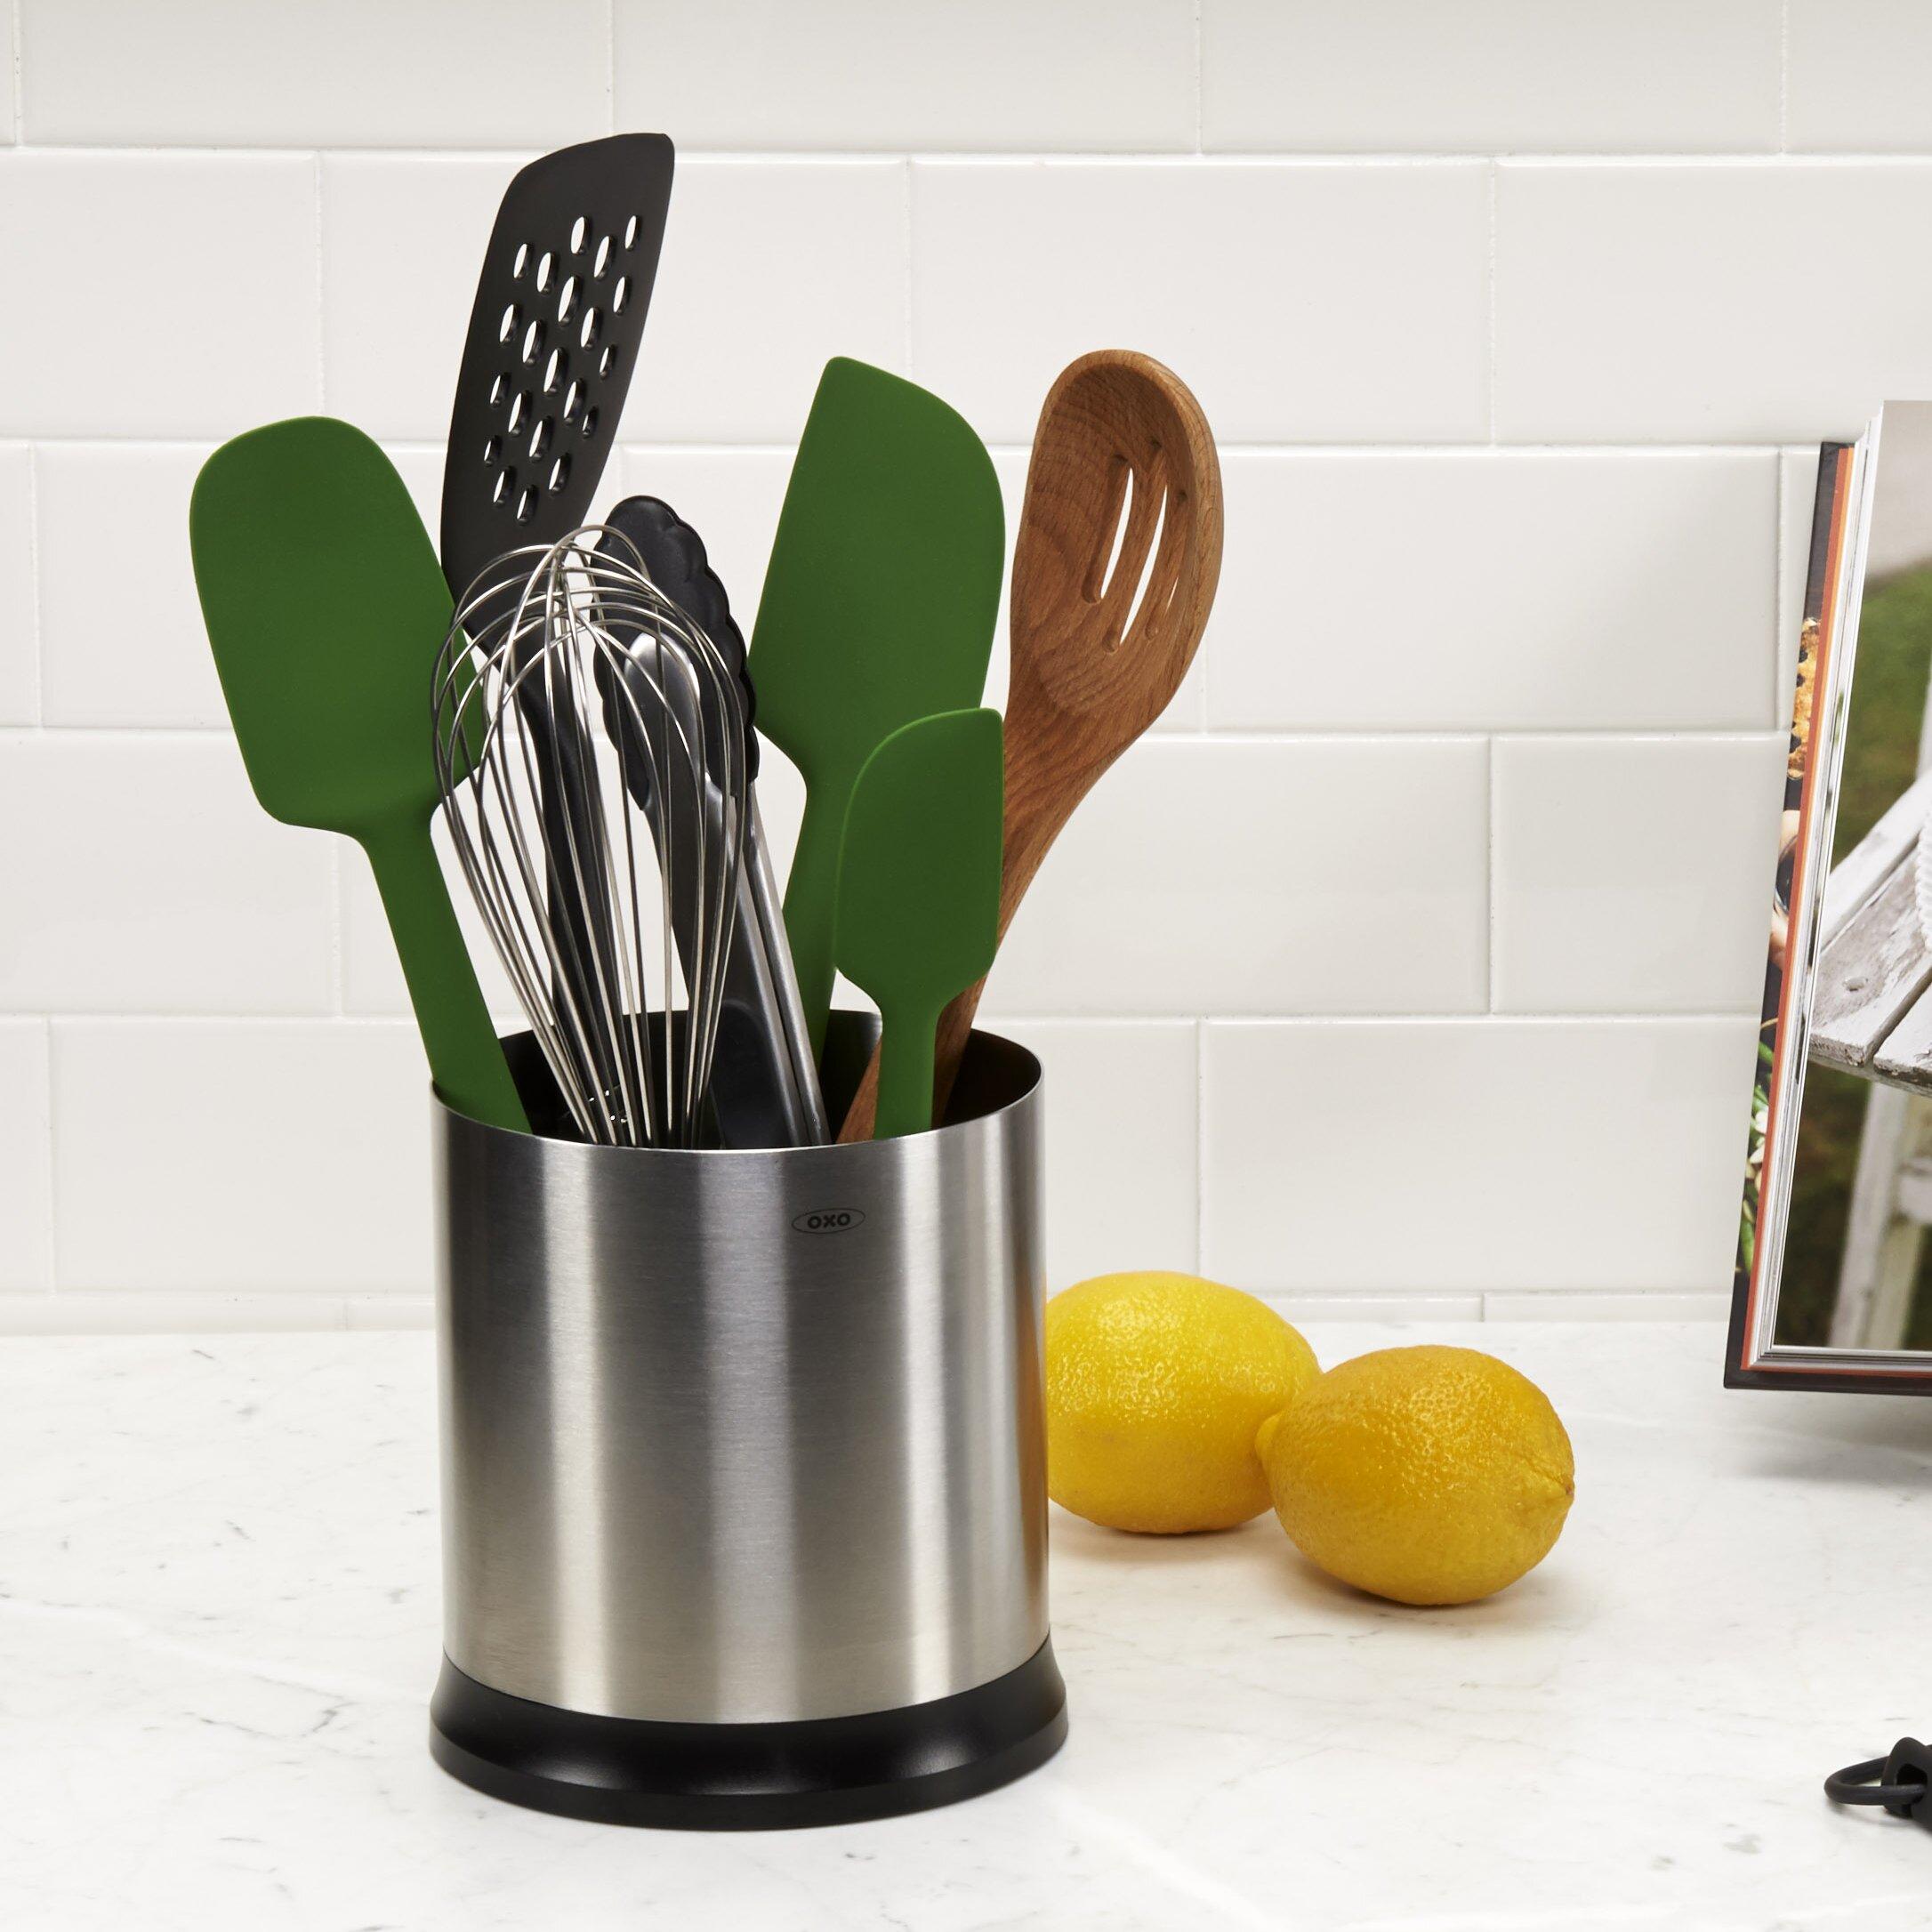 Kitchen Utensil Holder Oxo Good Grips Stainless Steel Rotating Utensil Holder Reviews